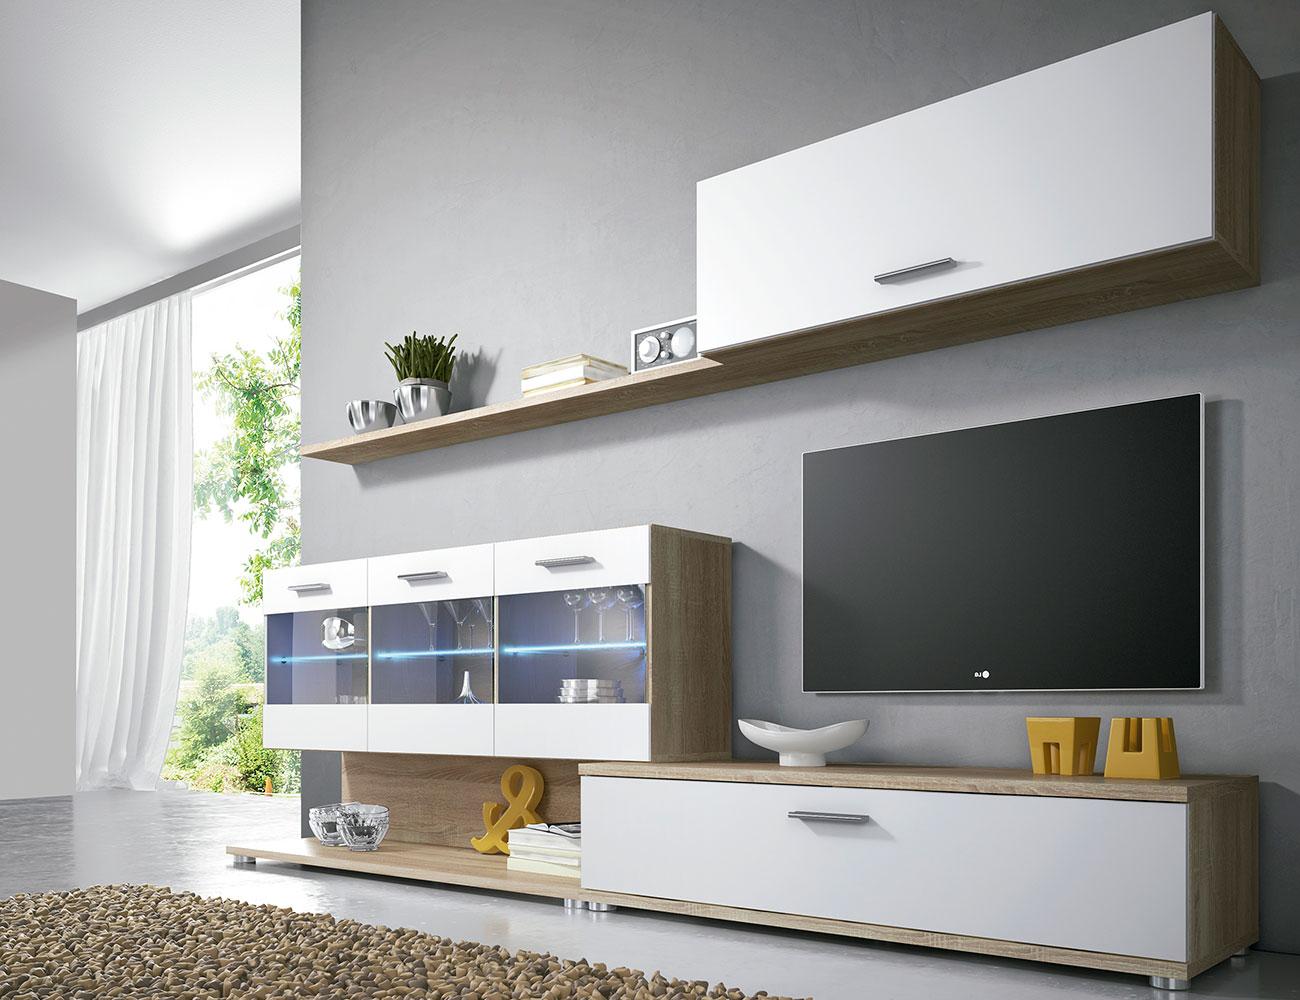 Mueble salon comedor luces leds moderno vitrina cambrian blanco